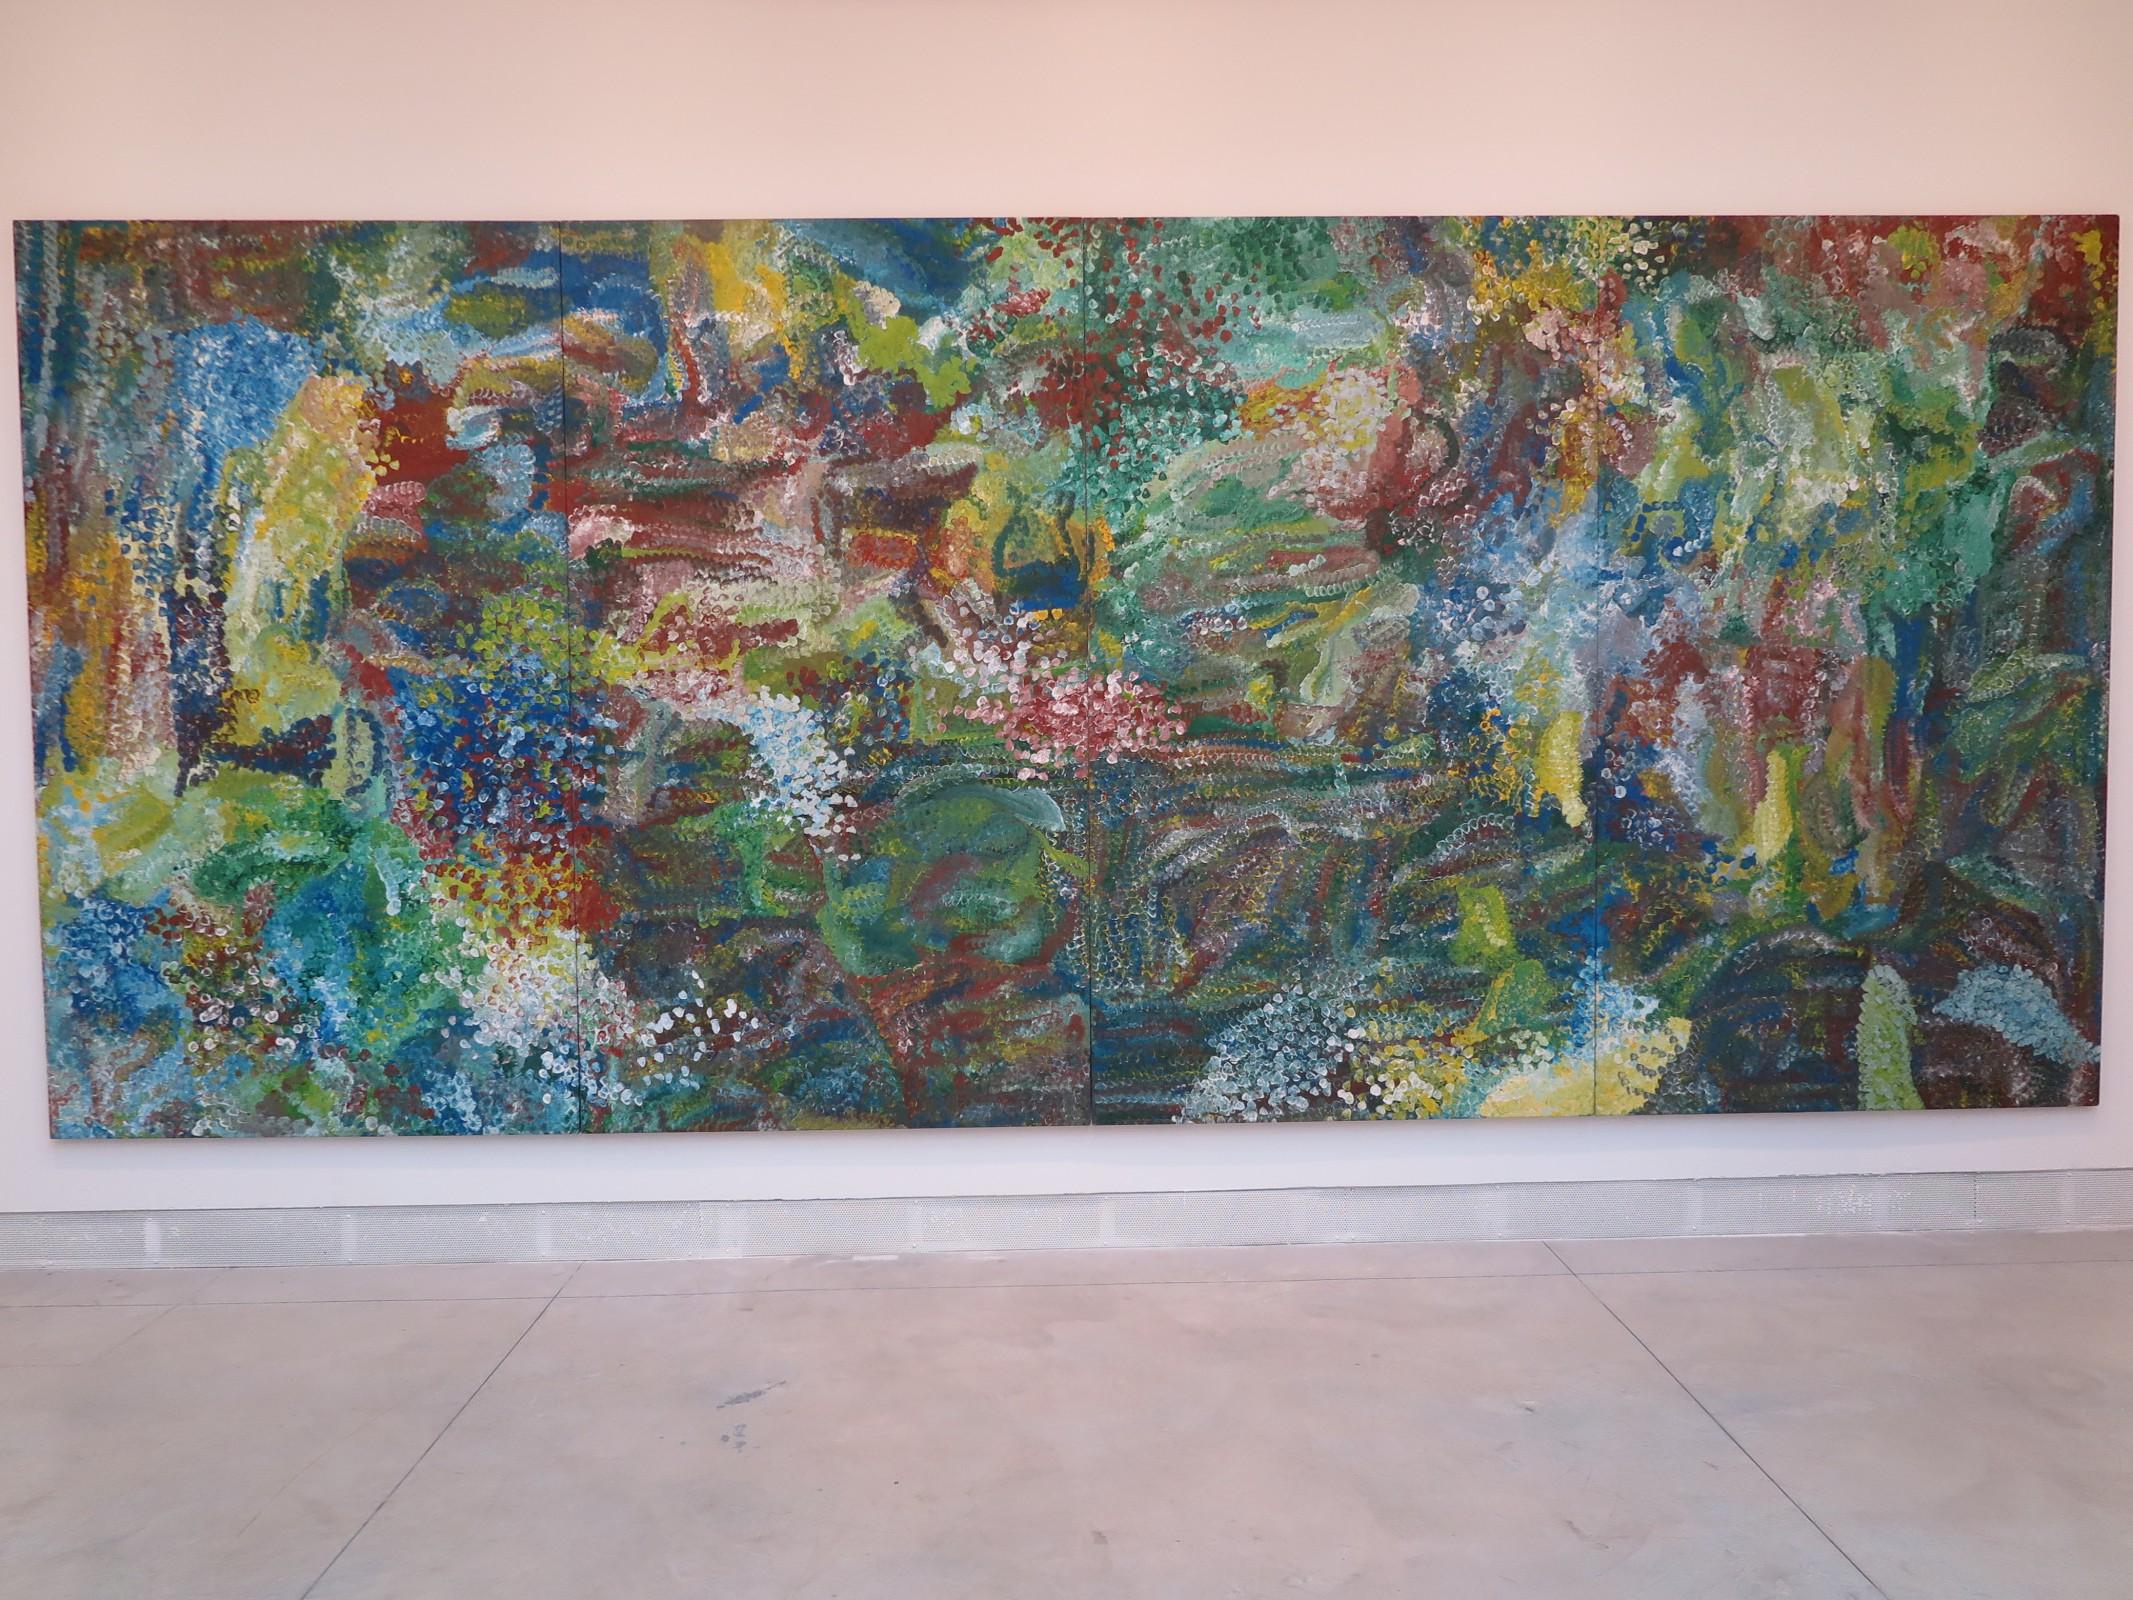 emily-kame-kngwarreye-earth-creation-1994